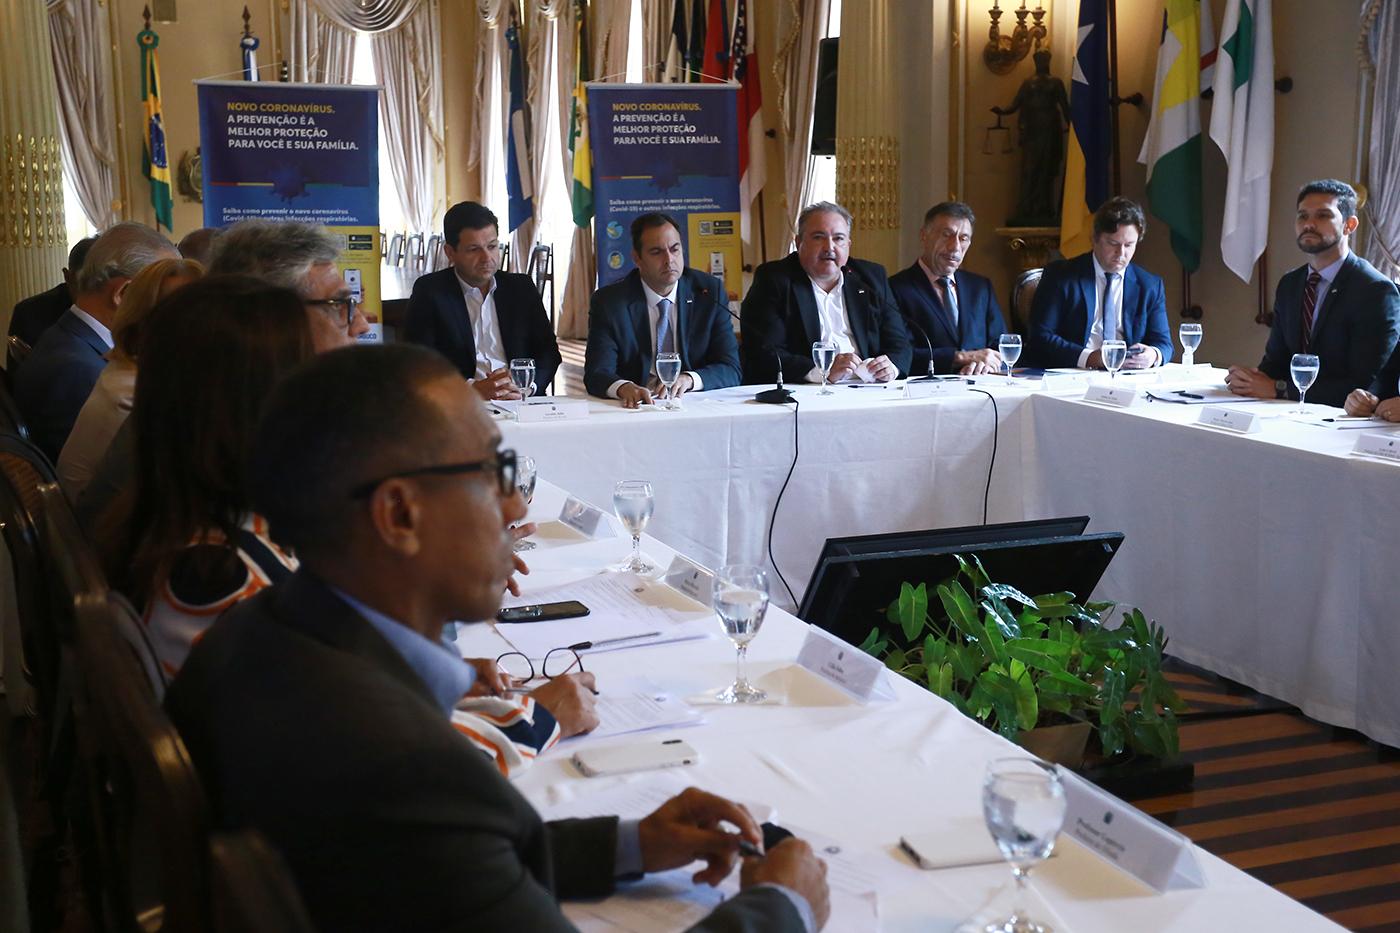 Paulo Câmara reúne prefeitos da Região Metropolitana para discutir ações de combate à Covid-19